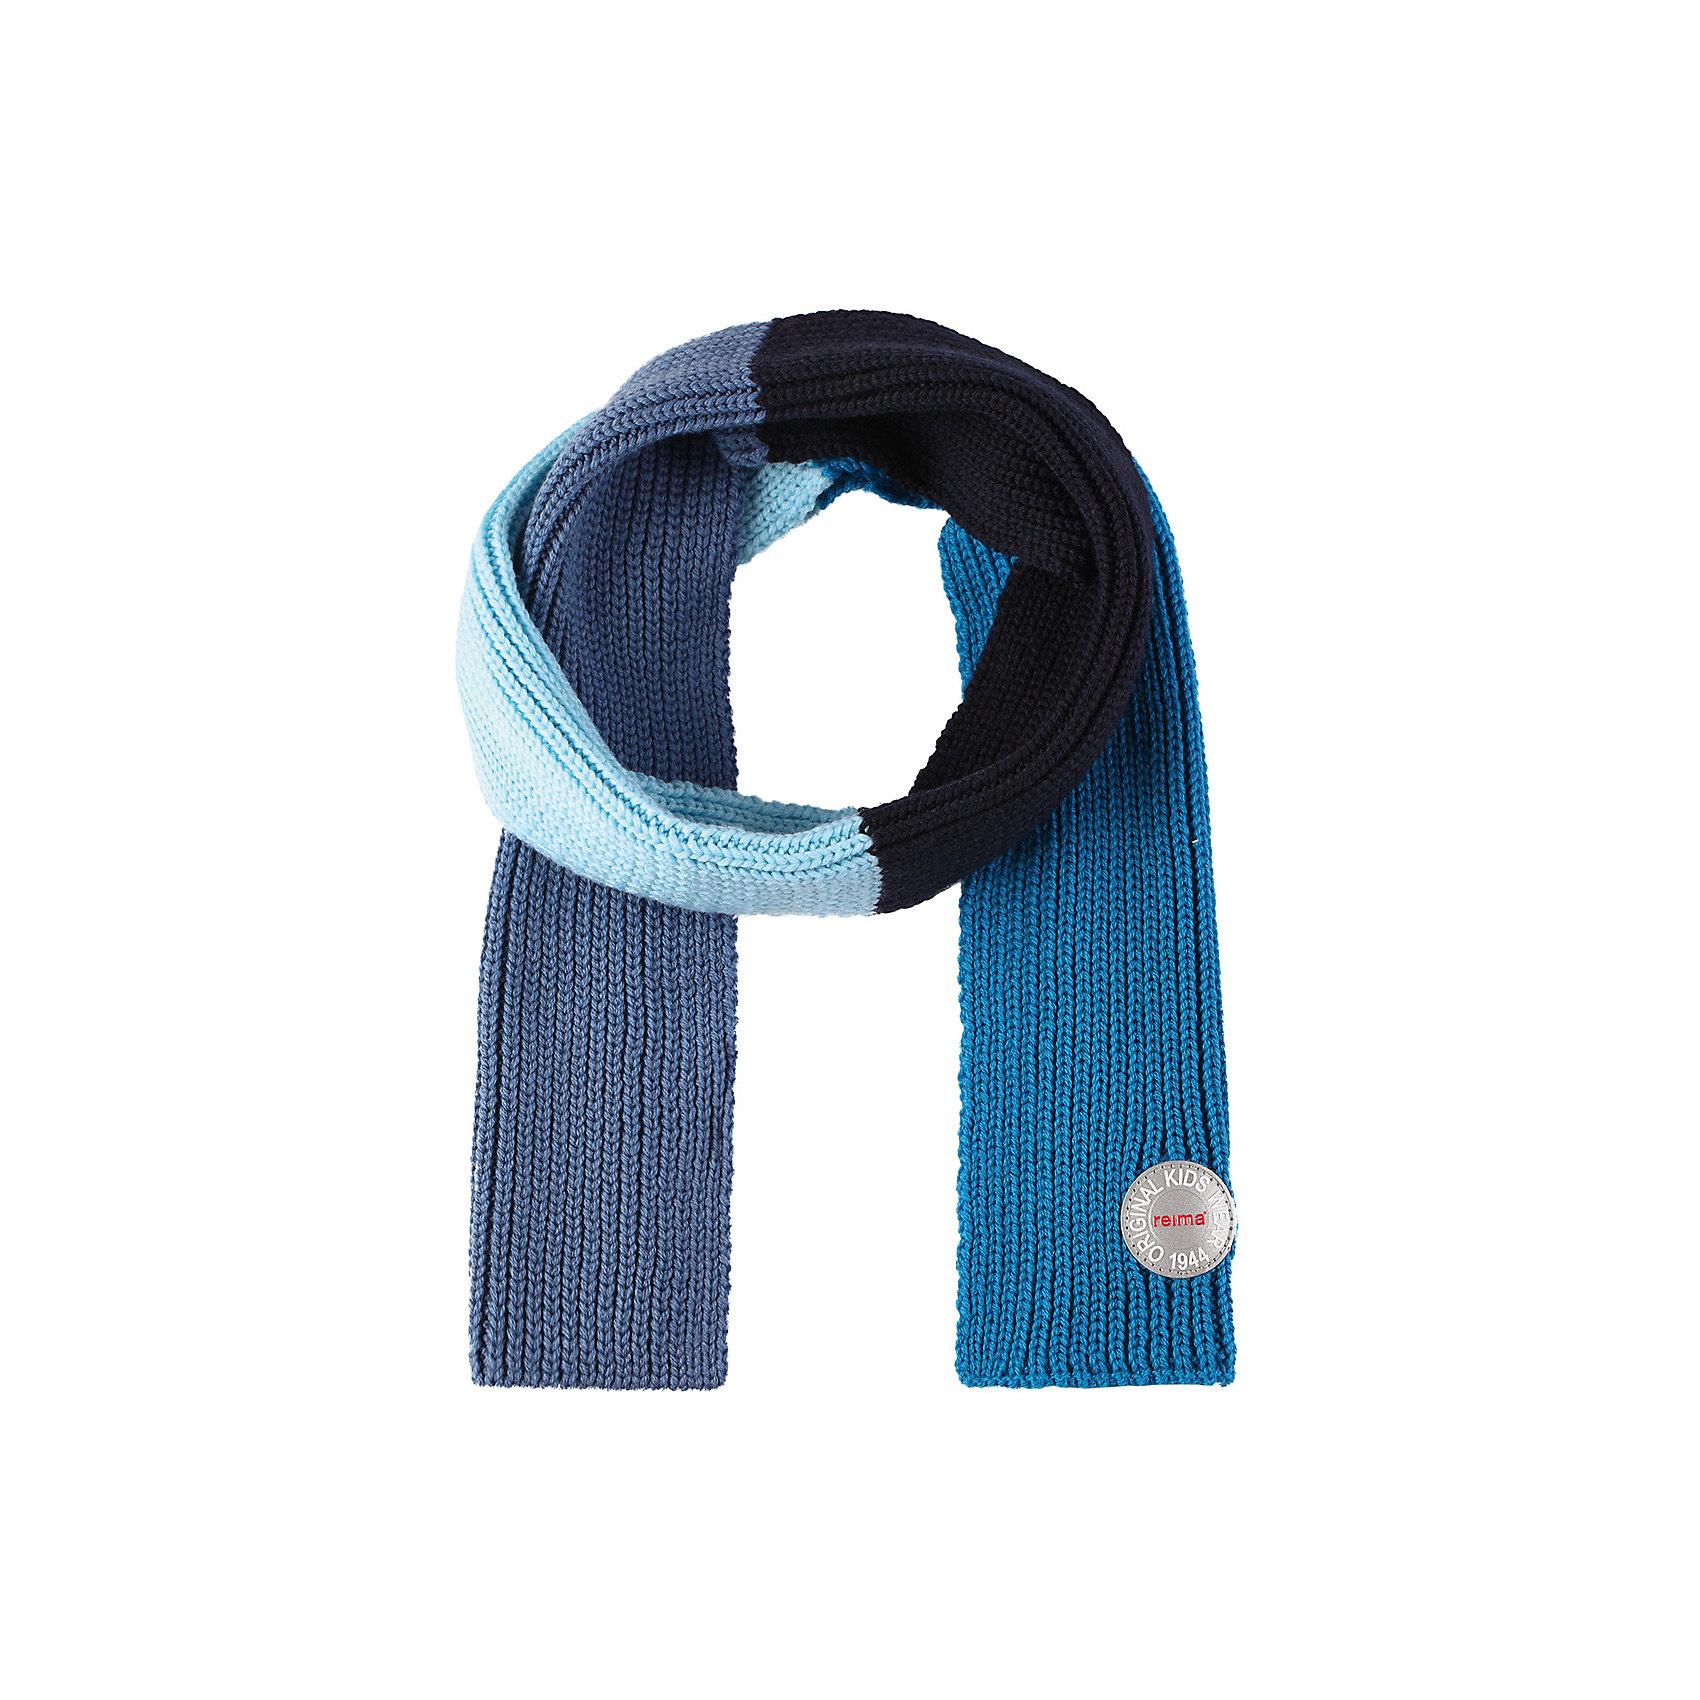 Шарф Reima KesyШарфы, платки<br>Характеристики товара:<br><br>• цвет: синий;<br>• состав: 100% шерсть;<br>• сезон: зима;<br>• температурный режим: от 0 до -20С;<br>• мягкая ткань из мериносовой шерсти для поддержания идеальной температуры тела;<br>• светоотражающий логотип Reima®;<br>• страна бренда: Финляндия;<br>• страна изготовитель: Китай.<br><br>Детский зимний шарф изготовлен из мягкой и теплой мериносовой шерсти. Эластичный и дышащий материал обеспечивает хорошую терморегуляцию. Снабжен светоотражающей эмблемой Reima.<br><br>Шарф Kesy Reima от финского бренда Reima (Рейма) можно купить в нашем интернет-магазине.<br><br>Ширина мм: 88<br>Глубина мм: 155<br>Высота мм: 26<br>Вес г: 106<br>Цвет: синий<br>Возраст от месяцев: 48<br>Возраст до месяцев: 168<br>Пол: Унисекс<br>Возраст: Детский<br>Размер: one size<br>SKU: 6902703